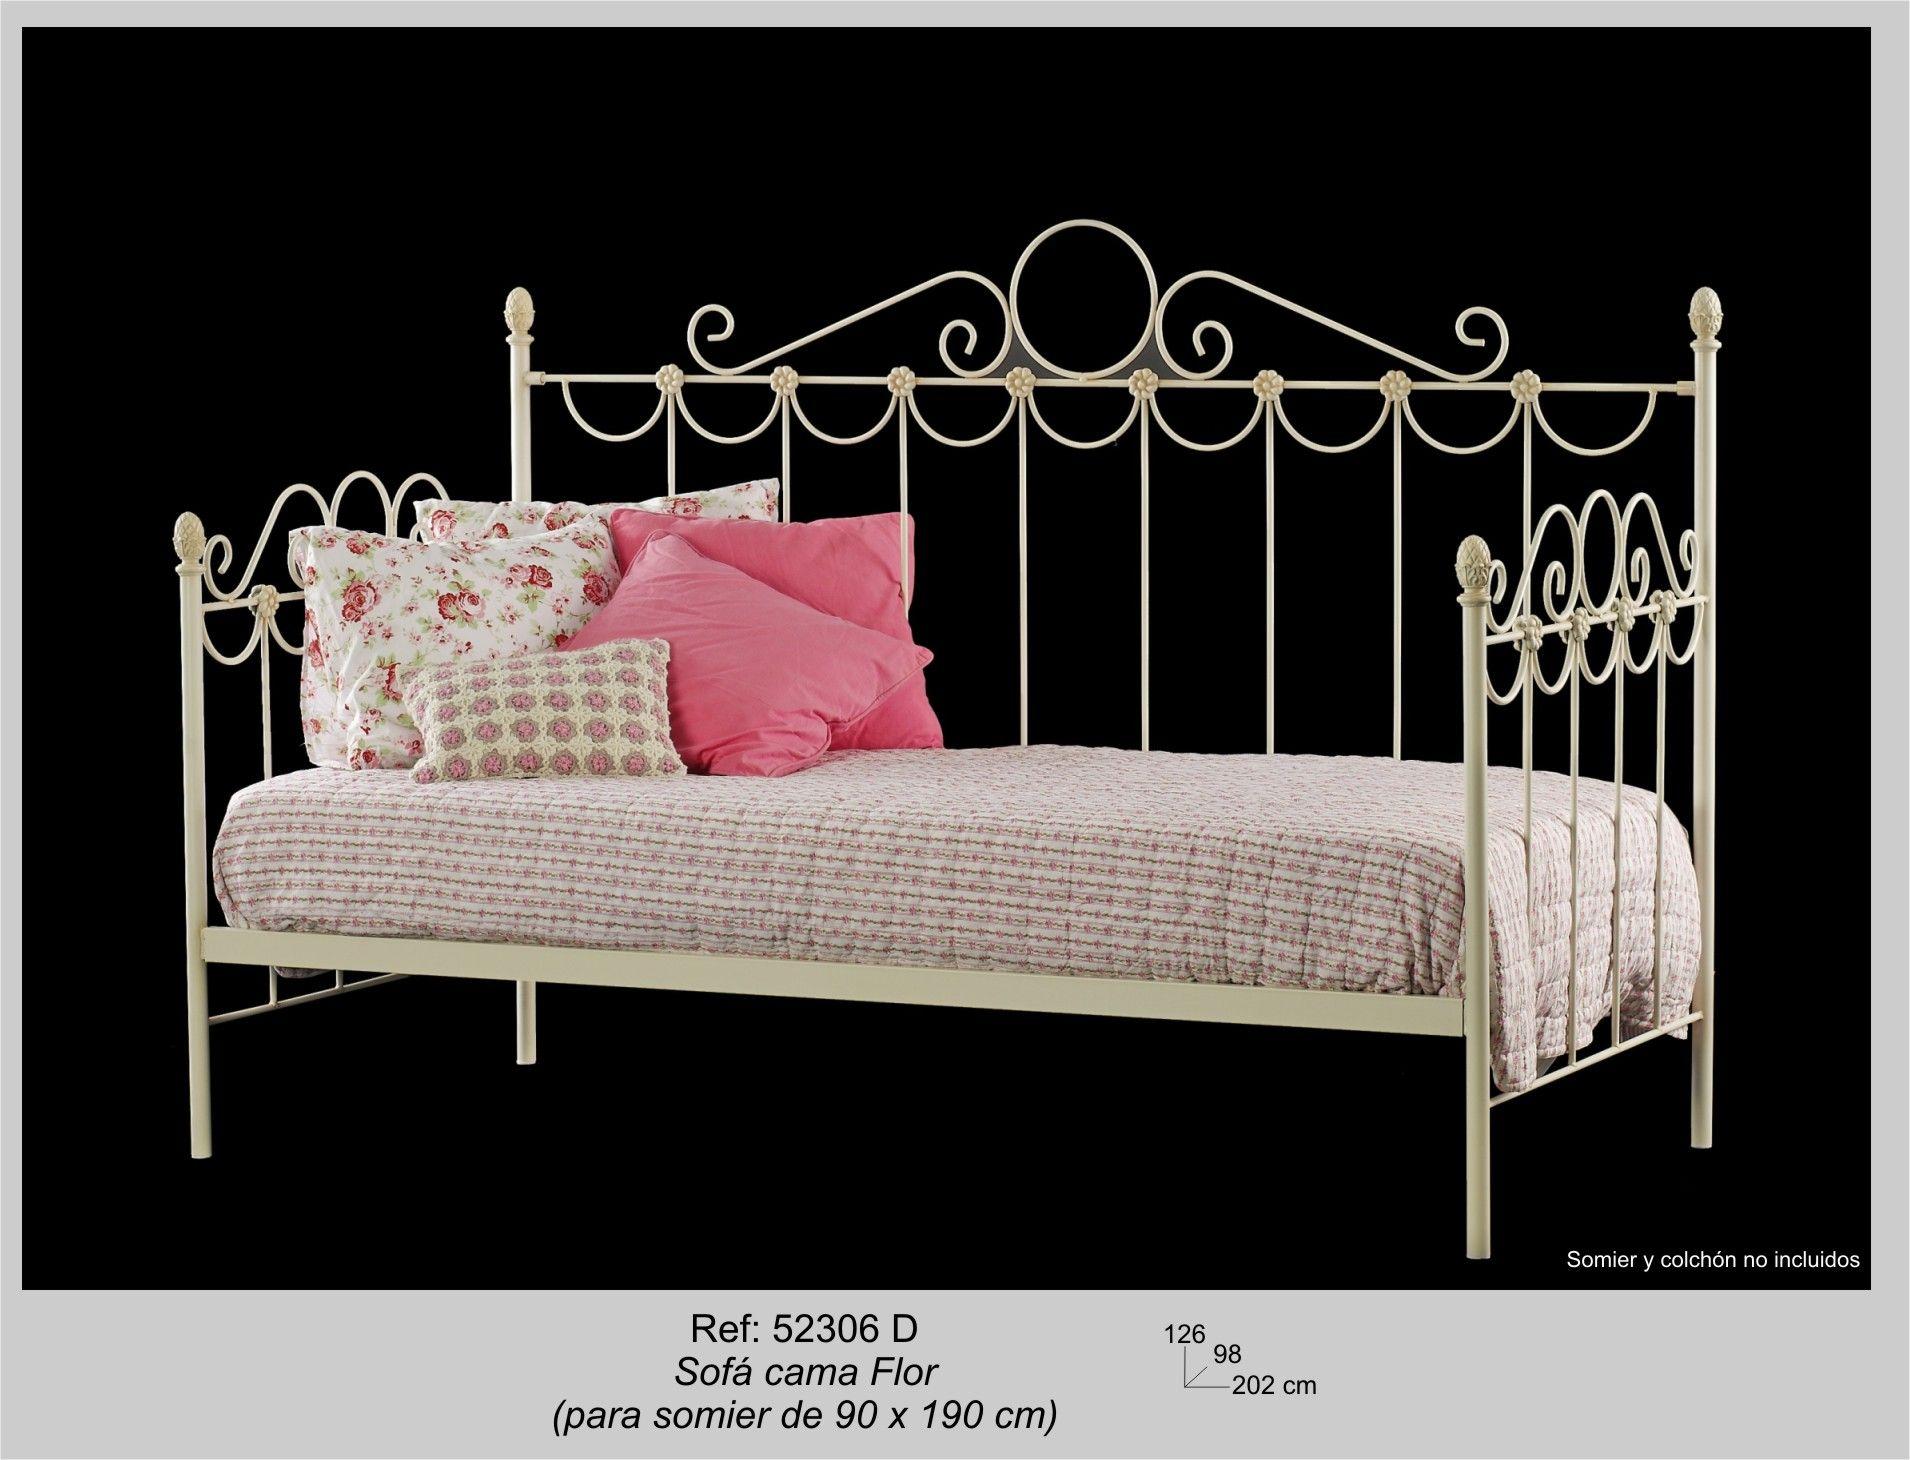 Sofa cama Flor, sin Colchón y Somier - Su estilo en forja ...